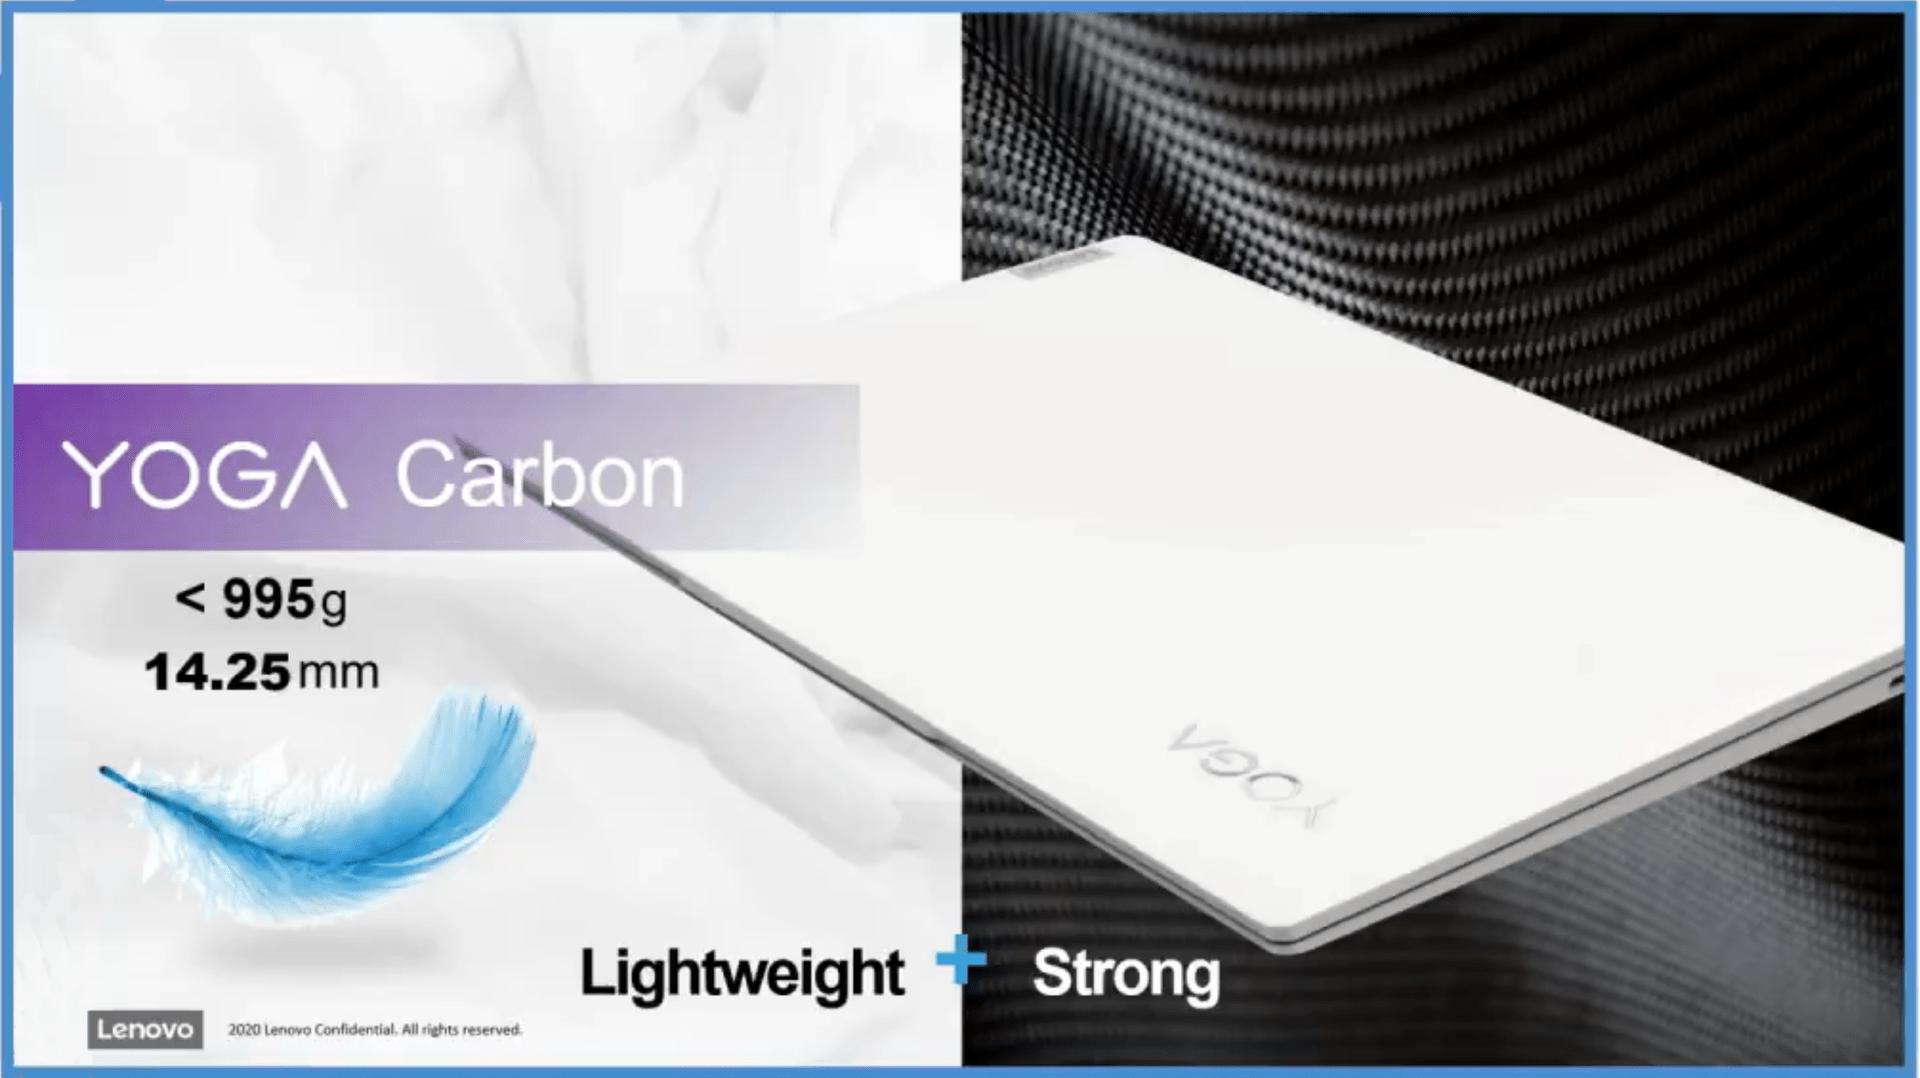 Lenovo Yoga Carbon : Intel Core i7 Tiger Lake, poids plume et une autonomie monstrueuse